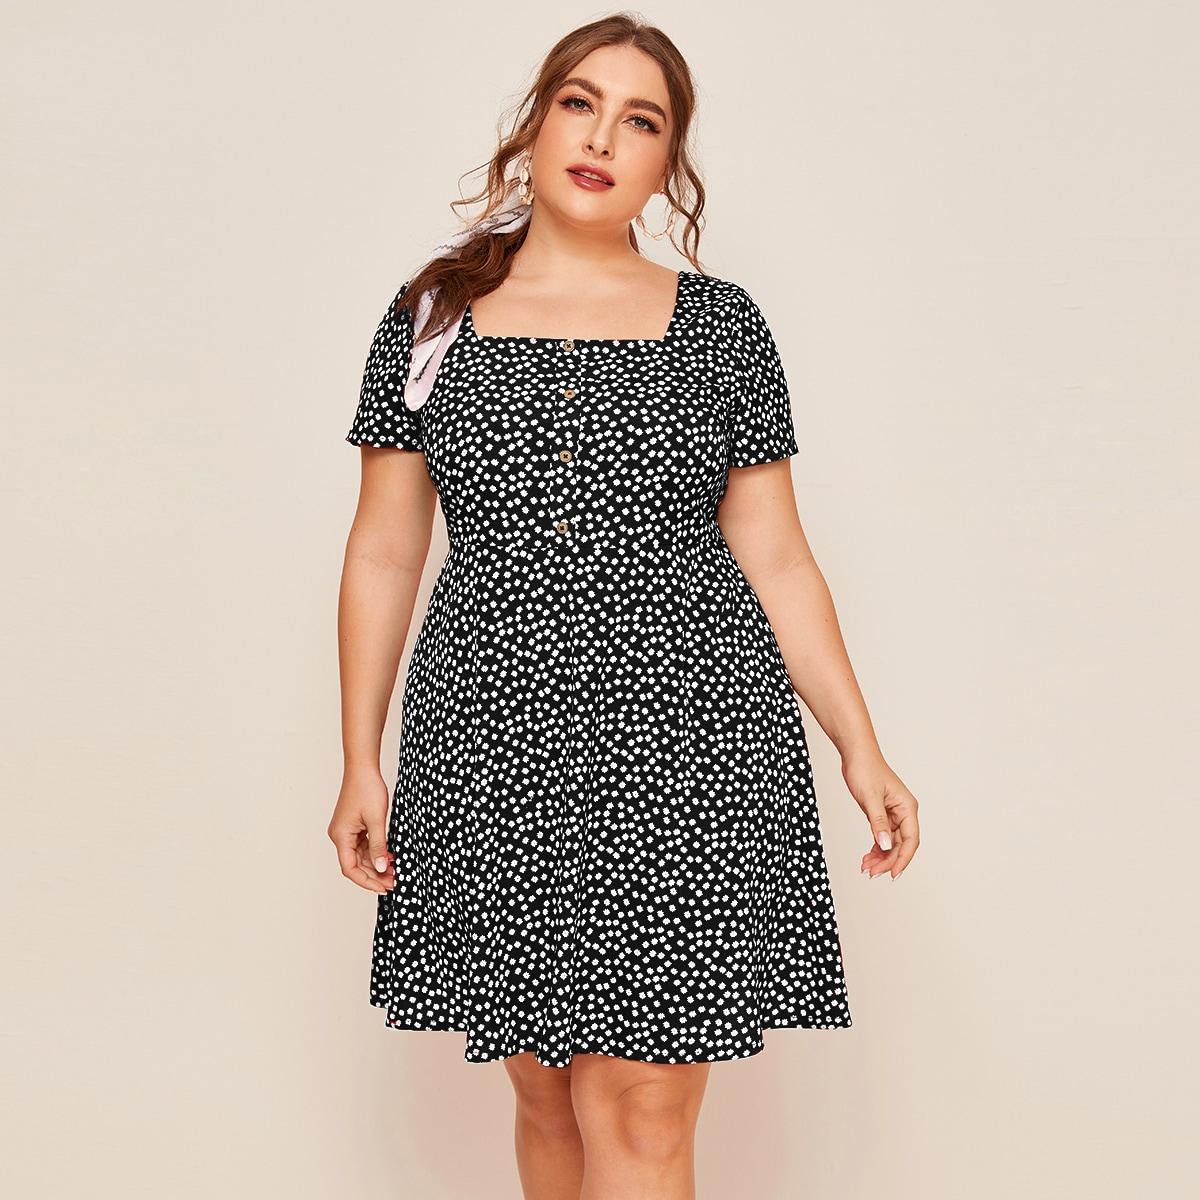 Цветочное платье размера плюс с квадратным вырезом и пуговицами